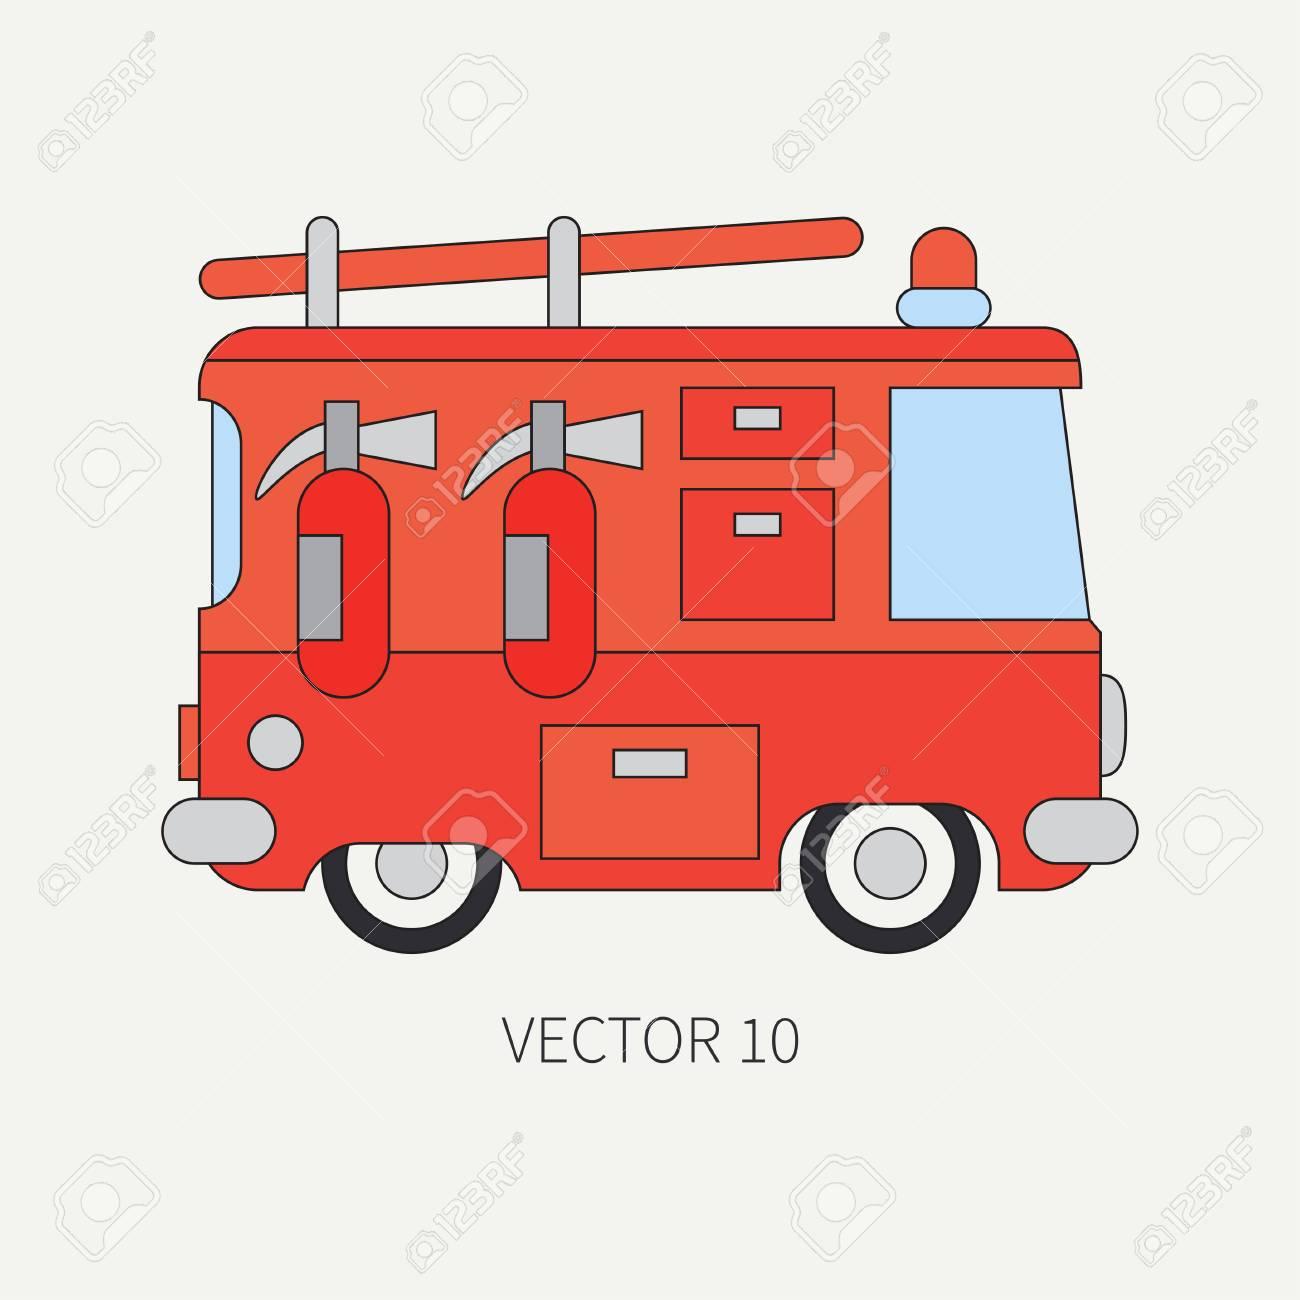 SecoursPompiers Vecteur Ligne D'urgenceStyle Camion AniméEntretienPorter De Couleur D'assistance Plat PompierVéhicule Dessin 6bgy7Yfv